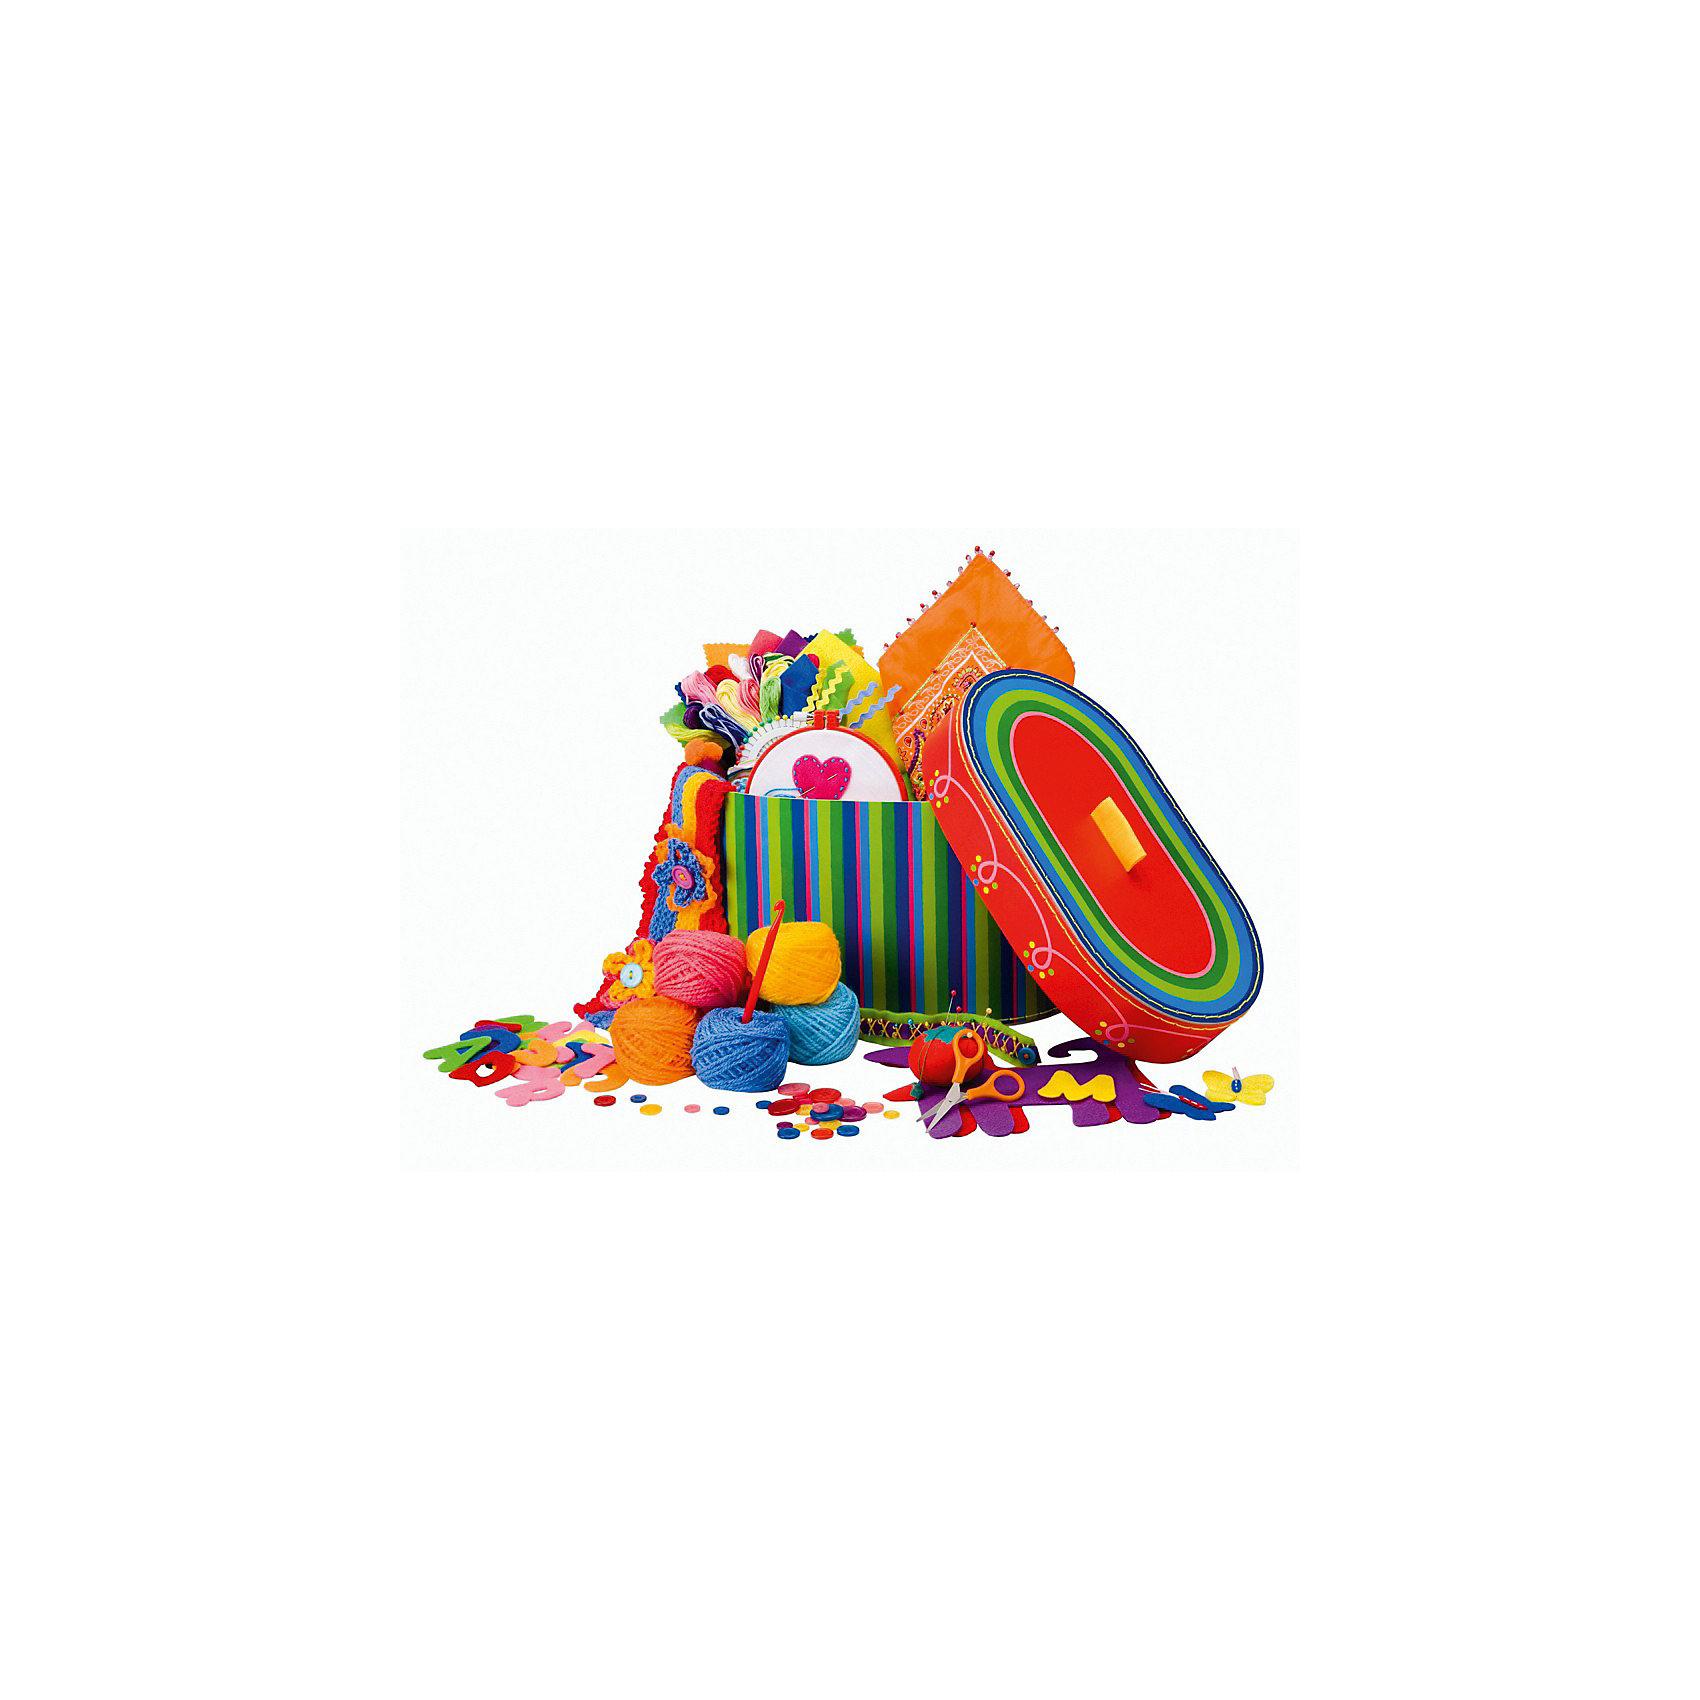 Большой набор для рукоделия 3 в 1 Вышивание, шитье, вязание крючком в кейсе, ALEXРукоделие<br>С этим большим набором девочки смогут постичь азы рукоделия и увлечься вязанием и вышиванием. <br>В комплекте - все, чтобы создать 9 разных изделий - игрушку-собачку, кошелек, брошь из фетра, бандану, украшенную вышивкой, вышитую картинку в рамке, повязку на голову, браслеты и шарф. <br>Упакован в красочный саквояж с ручкой.<br> От 8 лет<br><br>Ширина мм: 304<br>Глубина мм: 178<br>Высота мм: 178<br>Вес г: 700<br>Возраст от месяцев: 72<br>Возраст до месяцев: 168<br>Пол: Женский<br>Возраст: Детский<br>SKU: 3714636